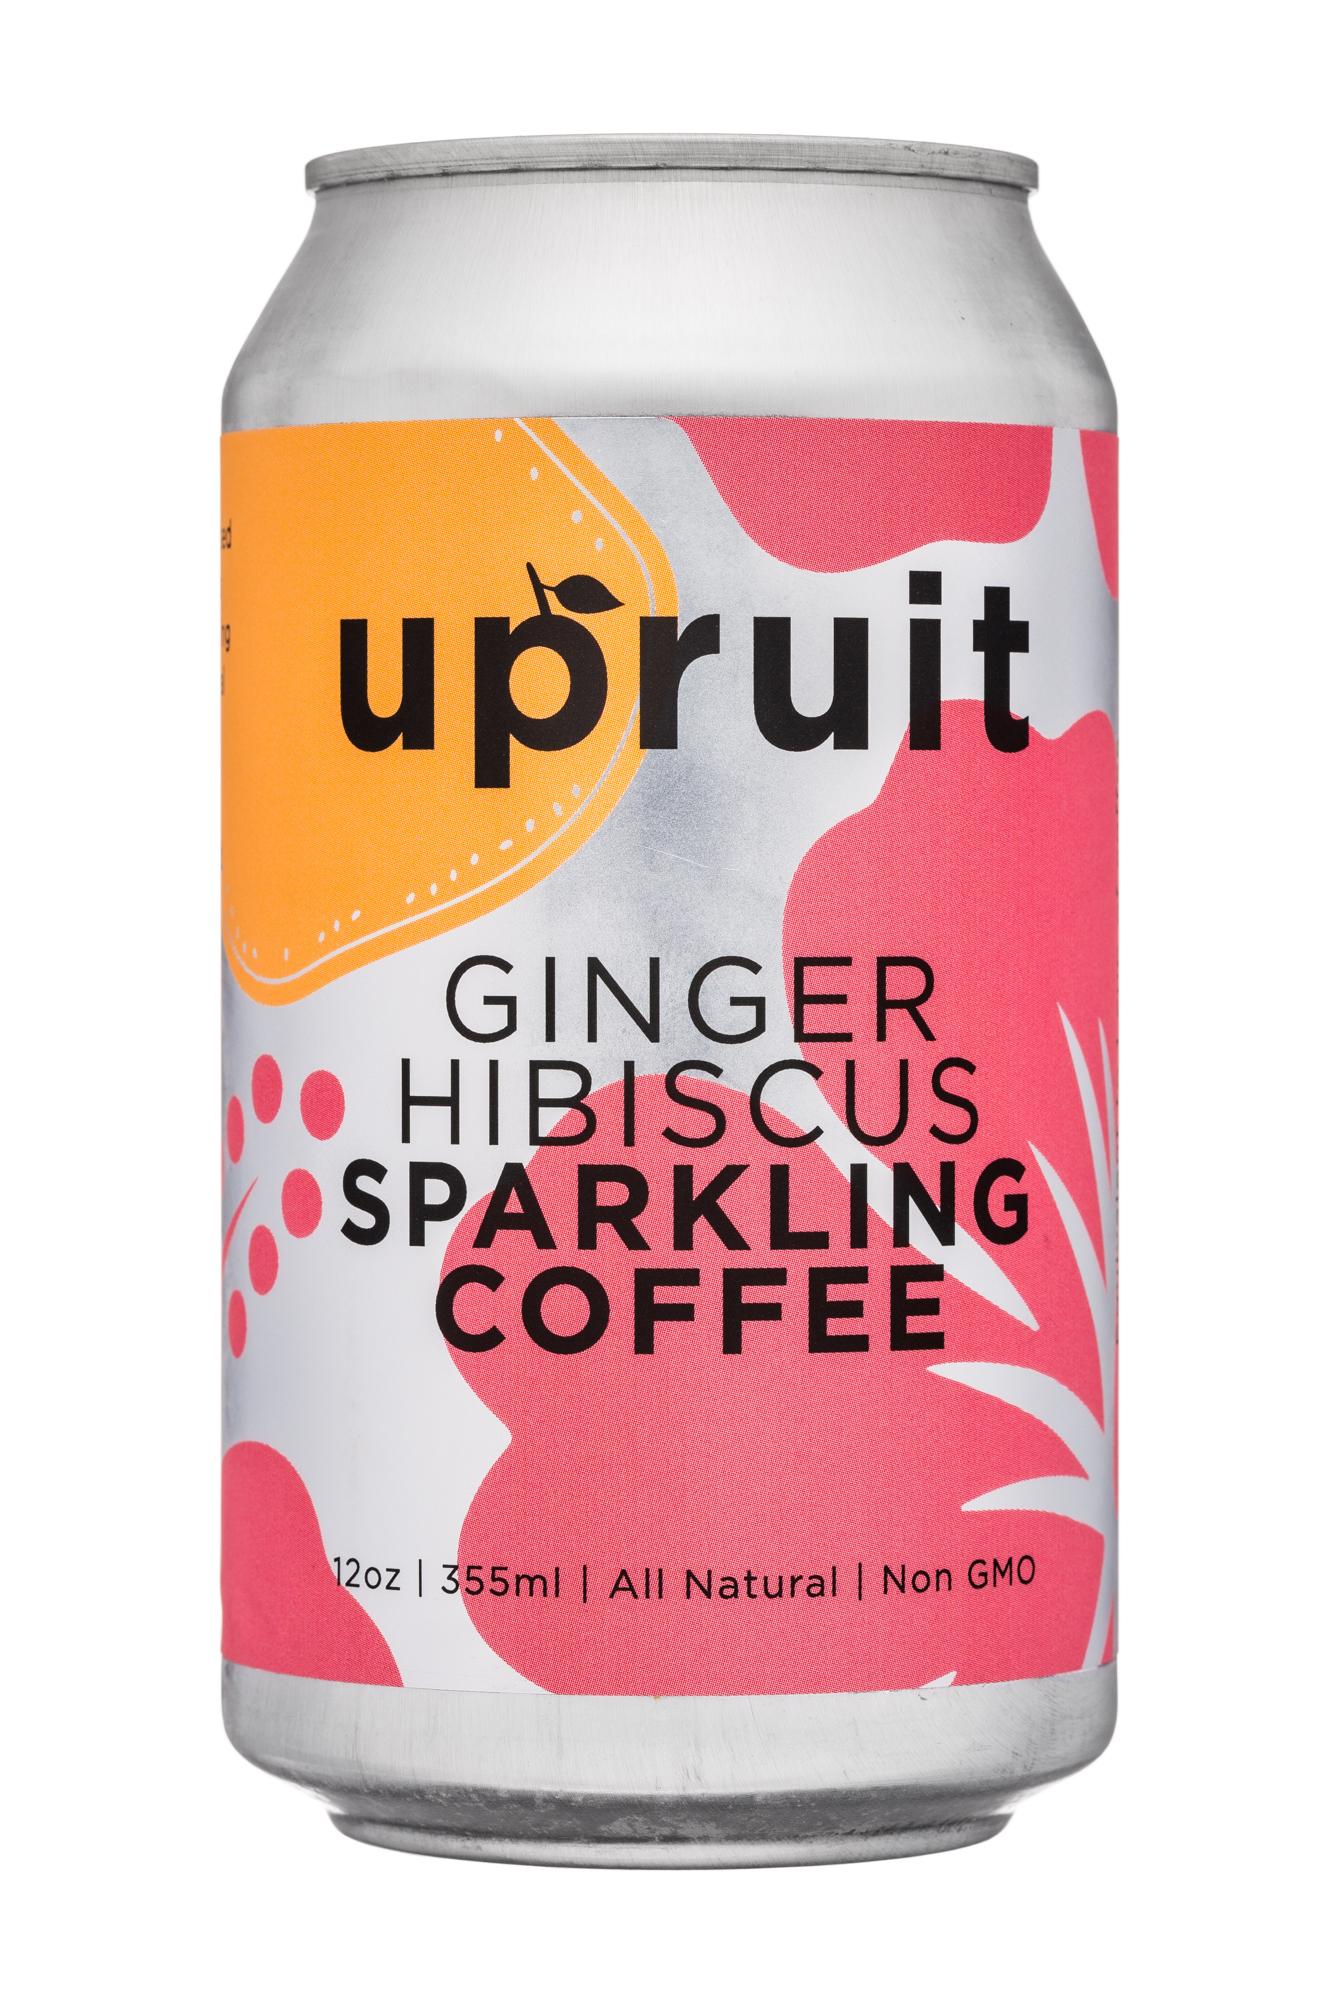 Upruit: Upruit-12oz-SparklingCoffee-GingerHibiscus-Front